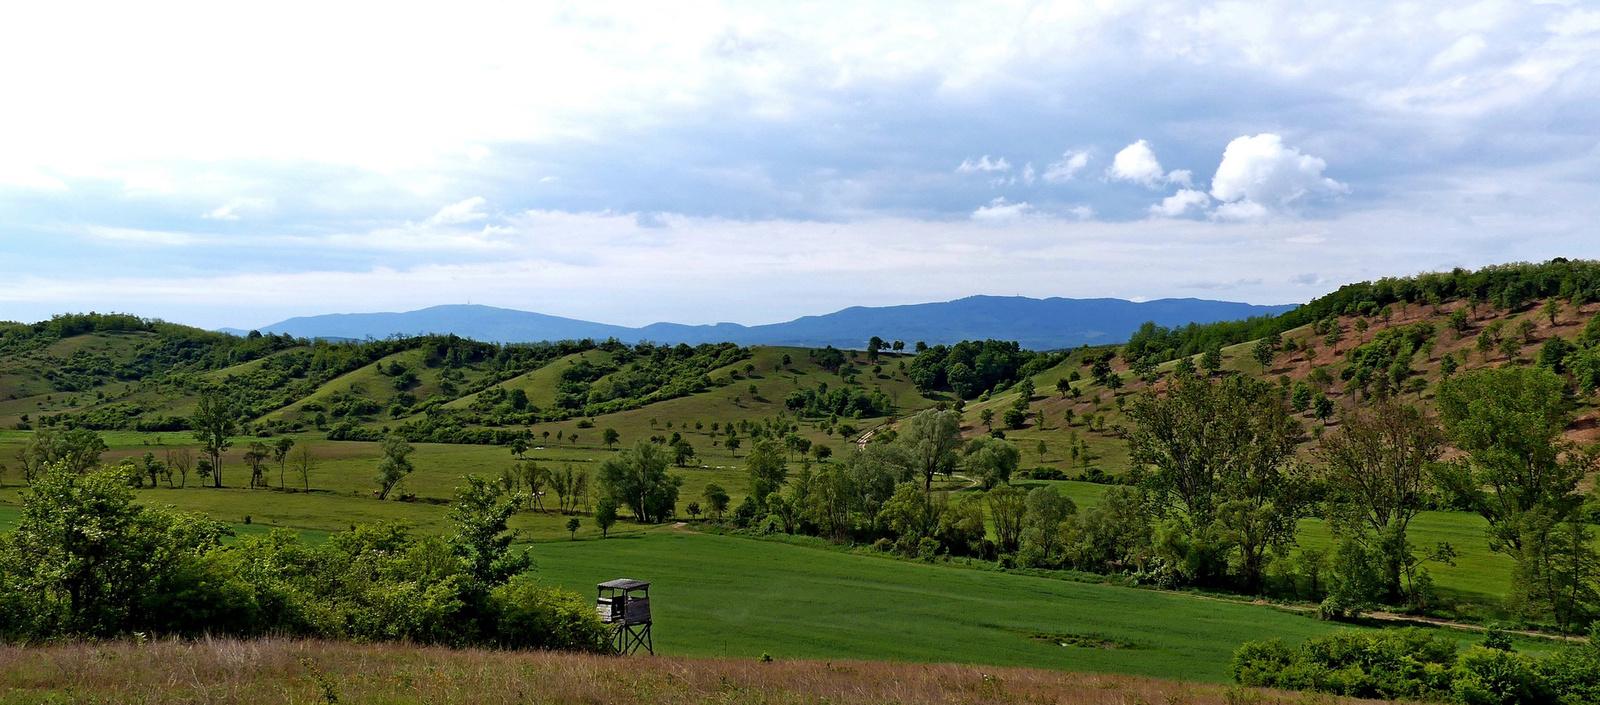 06 Dombok és hegyek II.